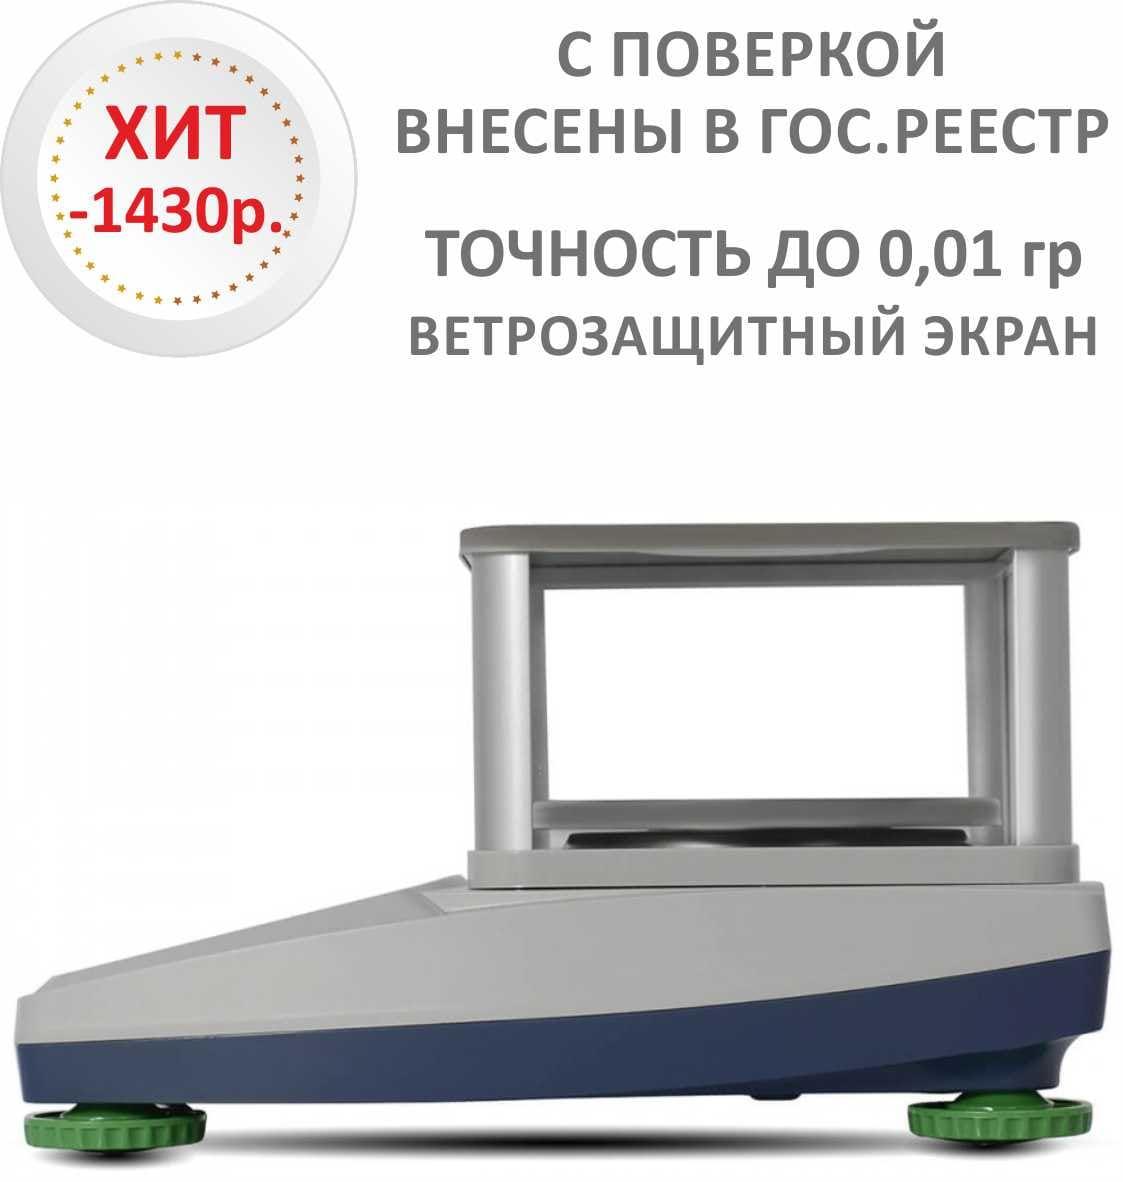 Весы лабораторные/аналитические M-ER 123 АCFJR-600.01 SENSOMATIC TFT RS232 и USB - вид сбоку